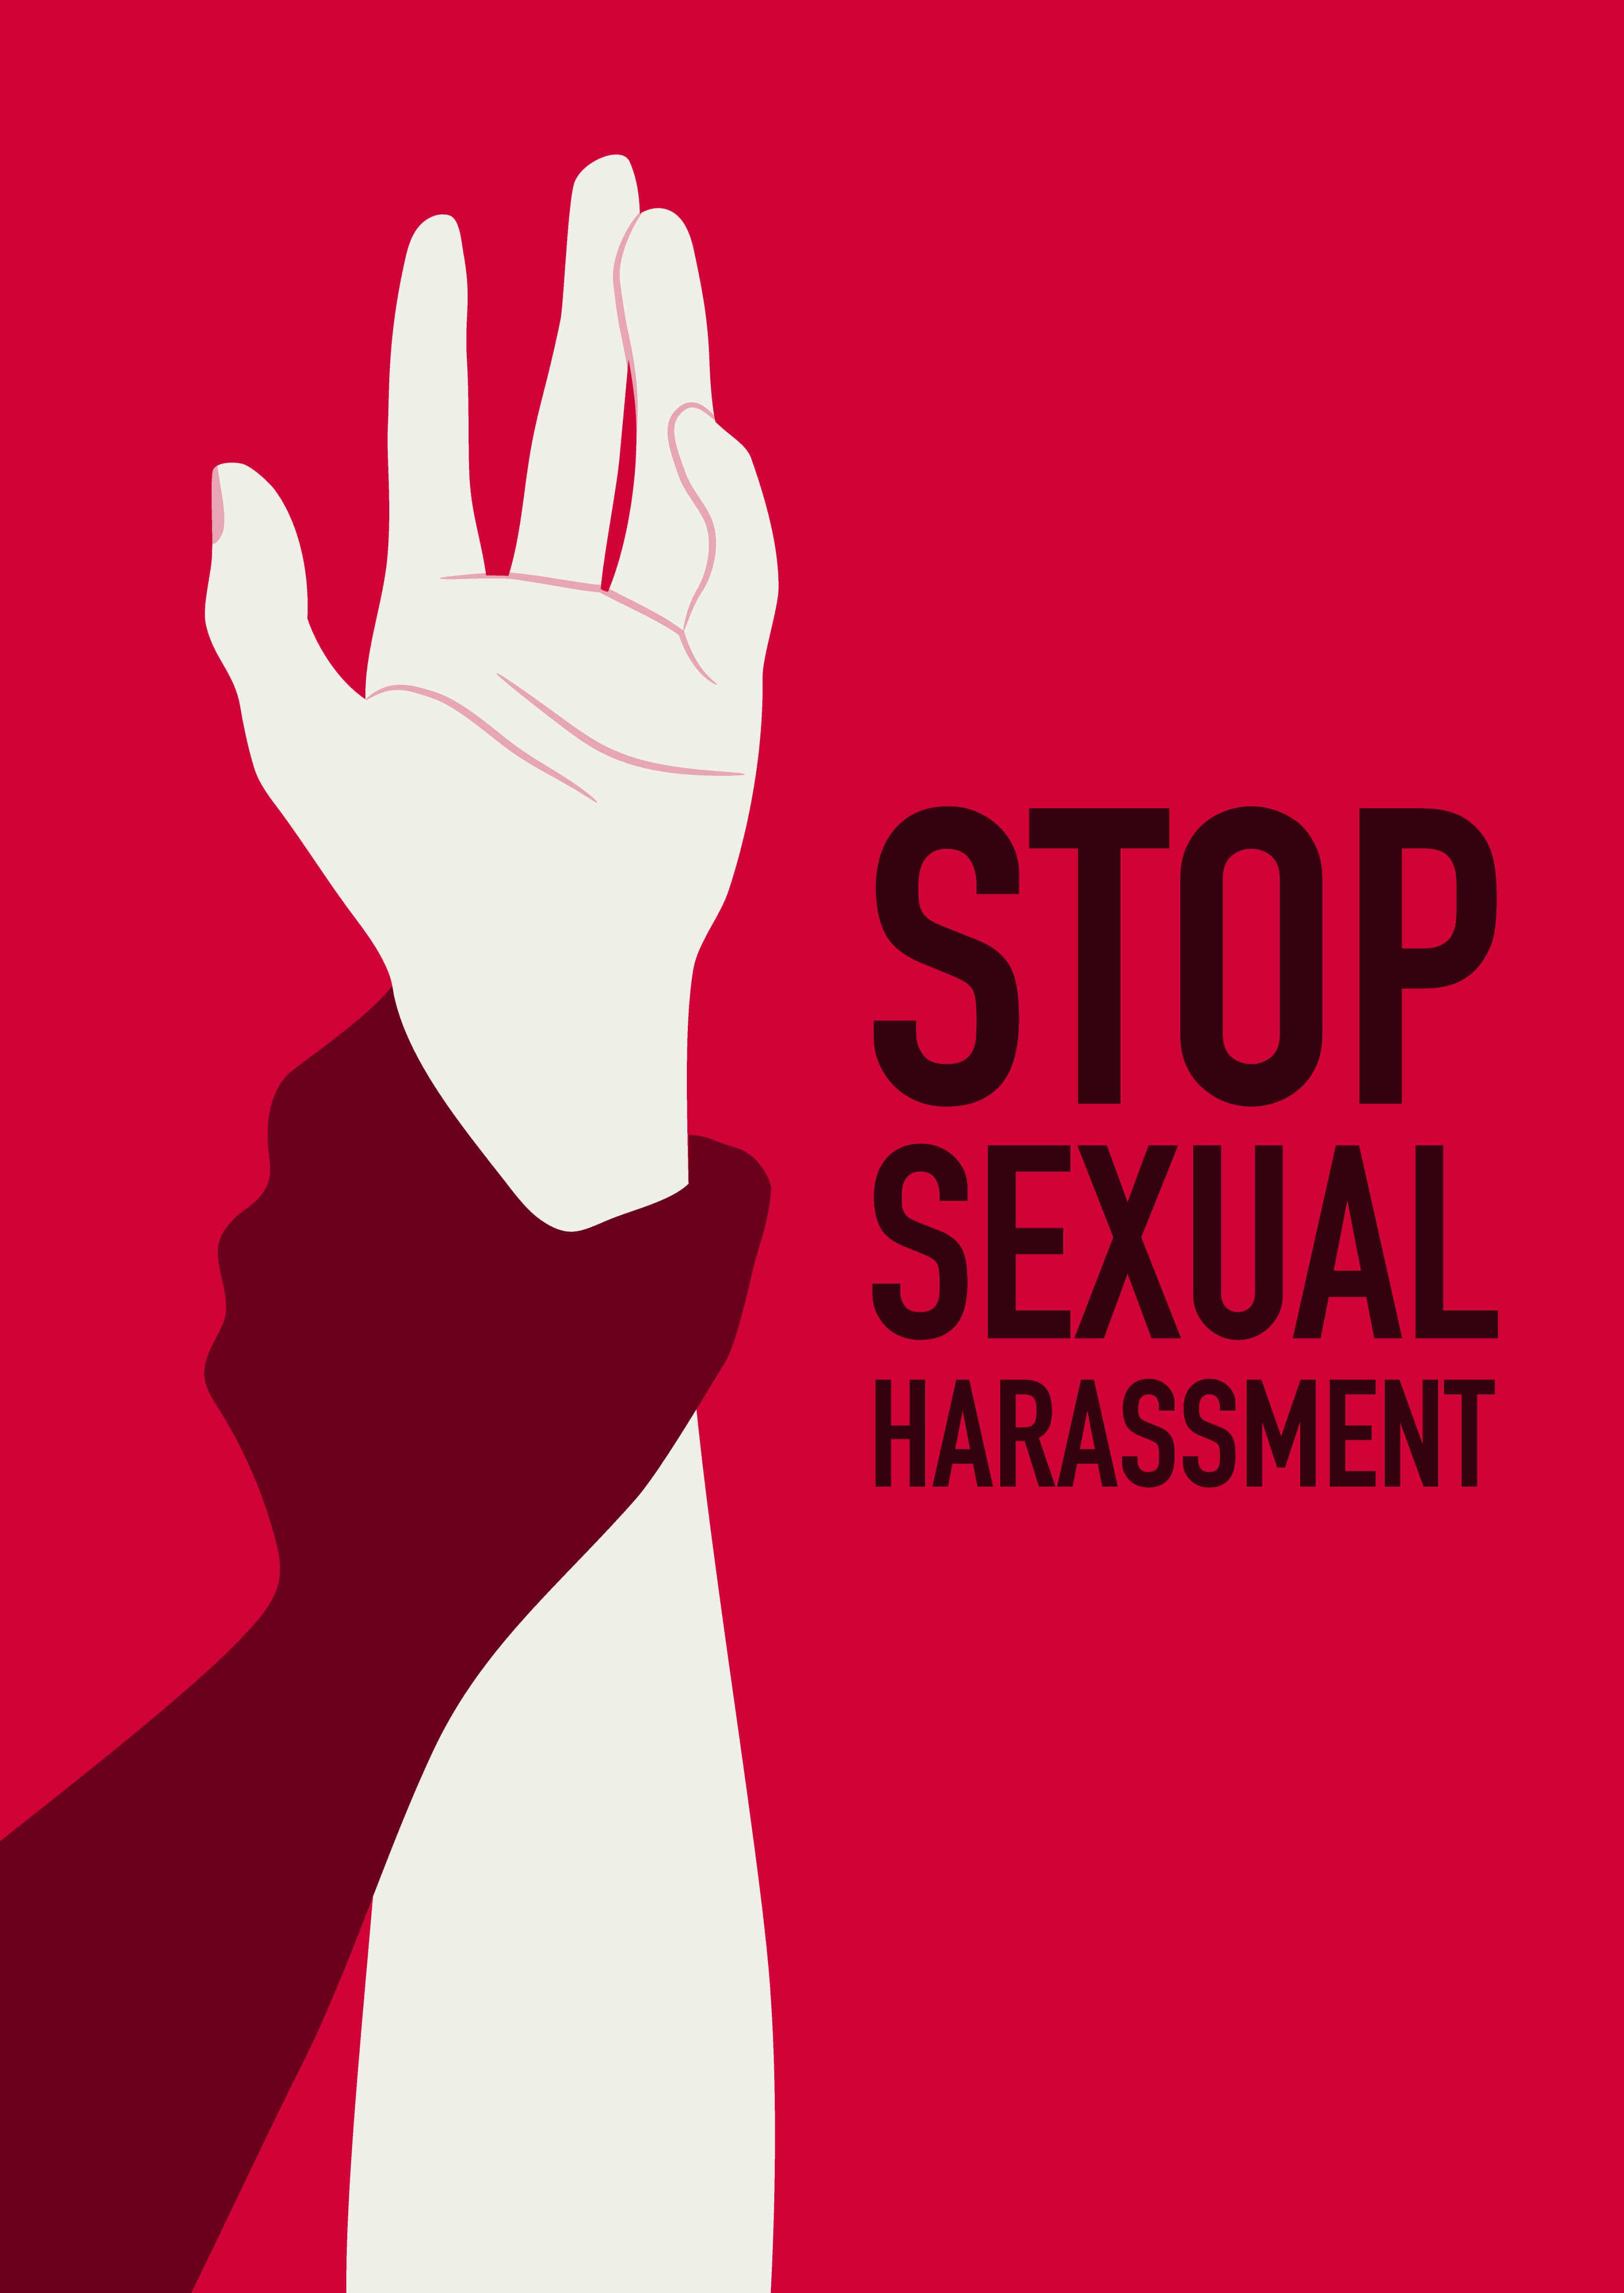 Agression sexuelle et prévention d'une grossesse non désirée